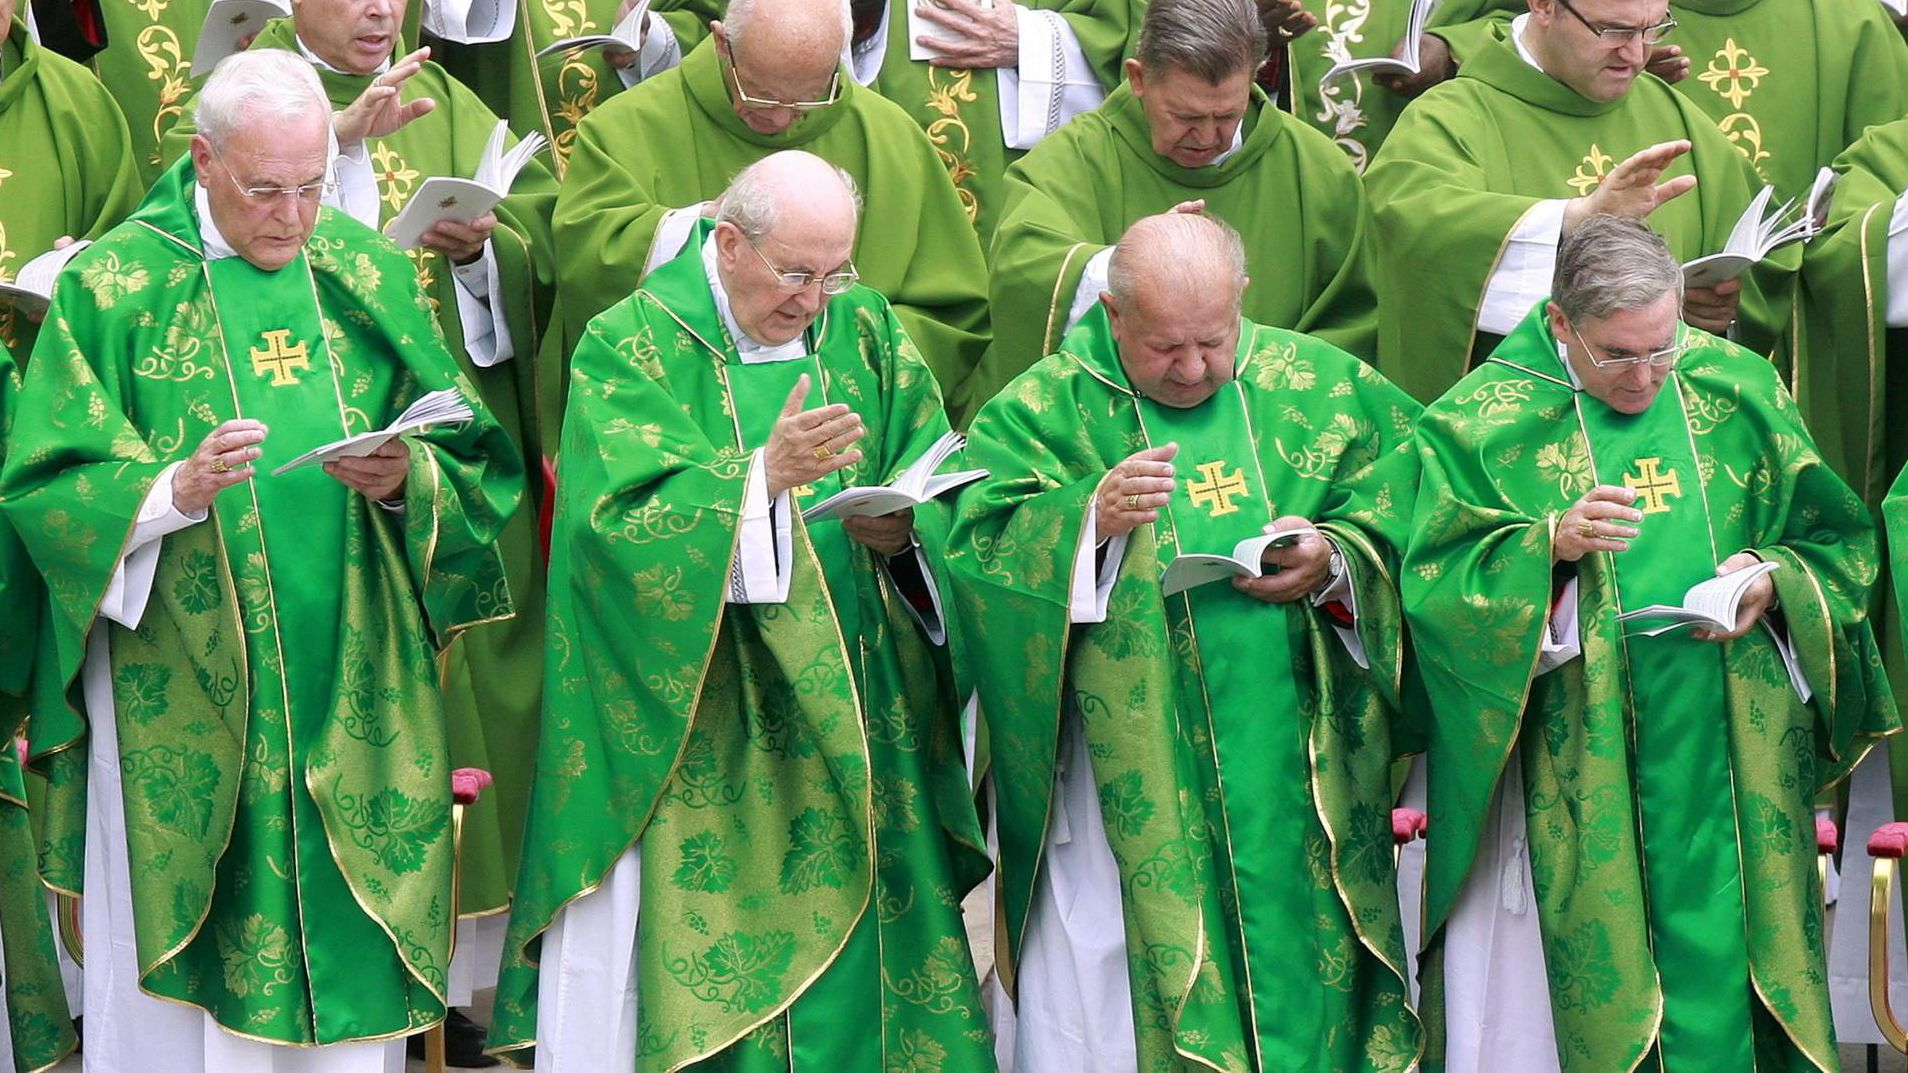 Kardinäle bei einer Messe auf dem Petersplatz 2012.